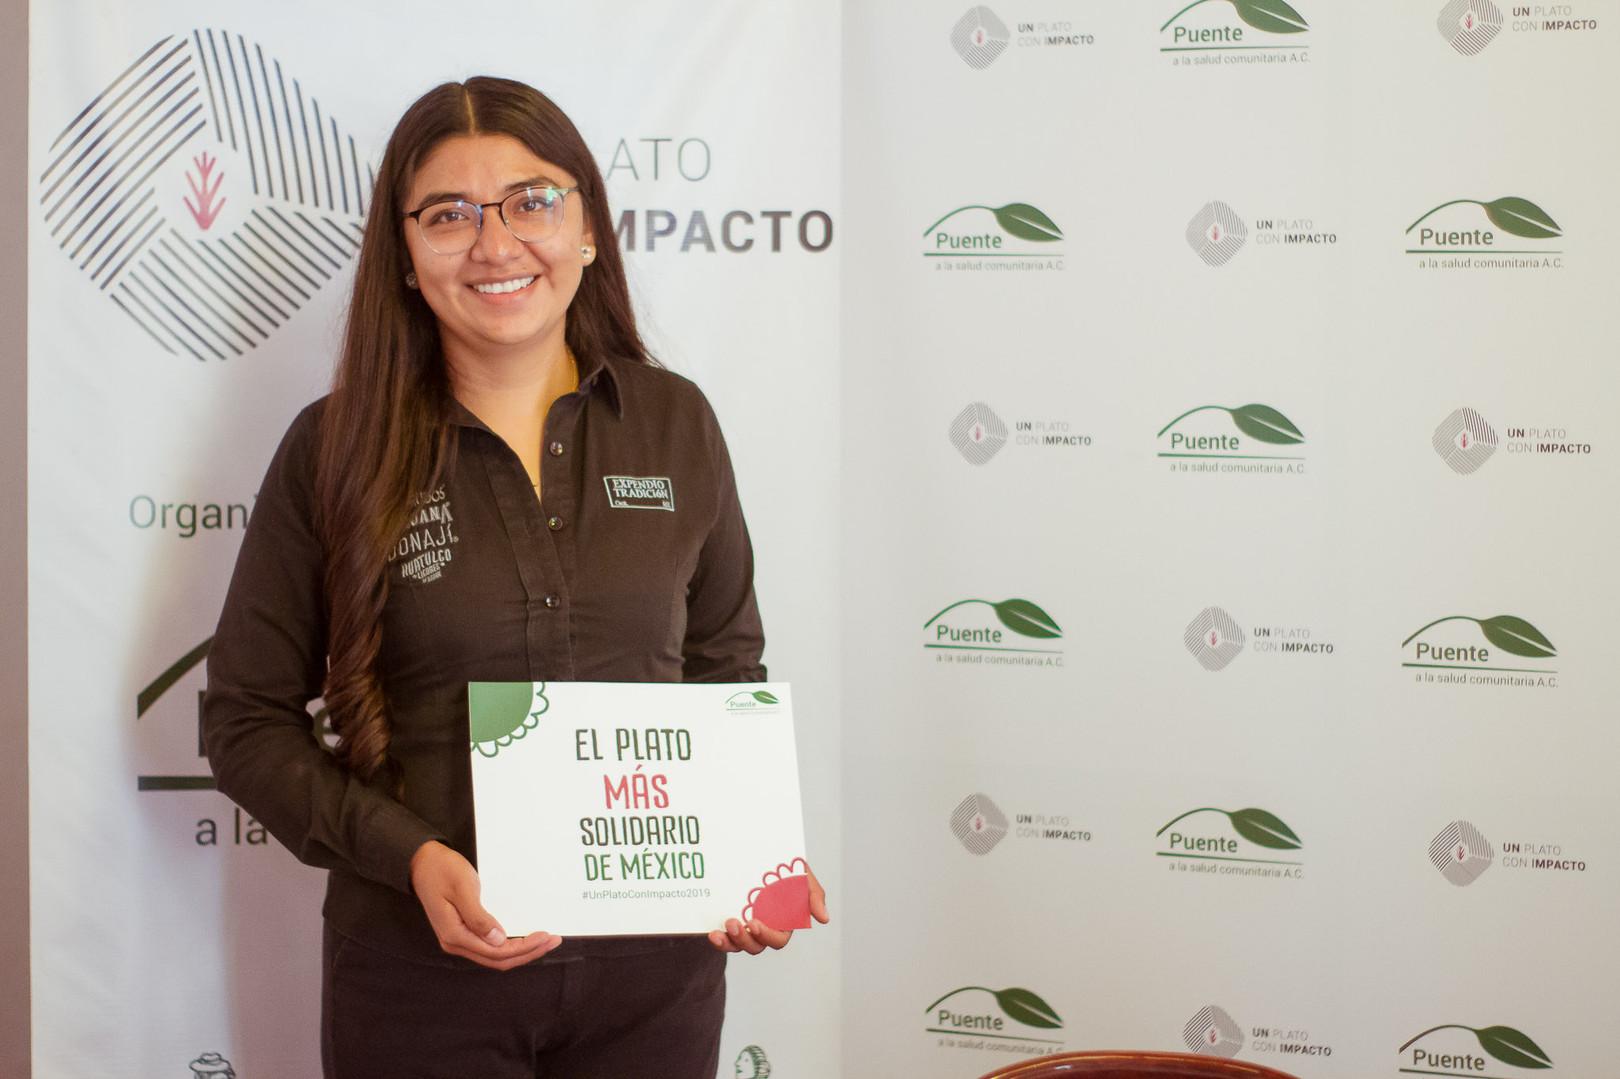 Gracias Expendio Tradición por participar con nosotros en la campaña Un Plato con Impacto.